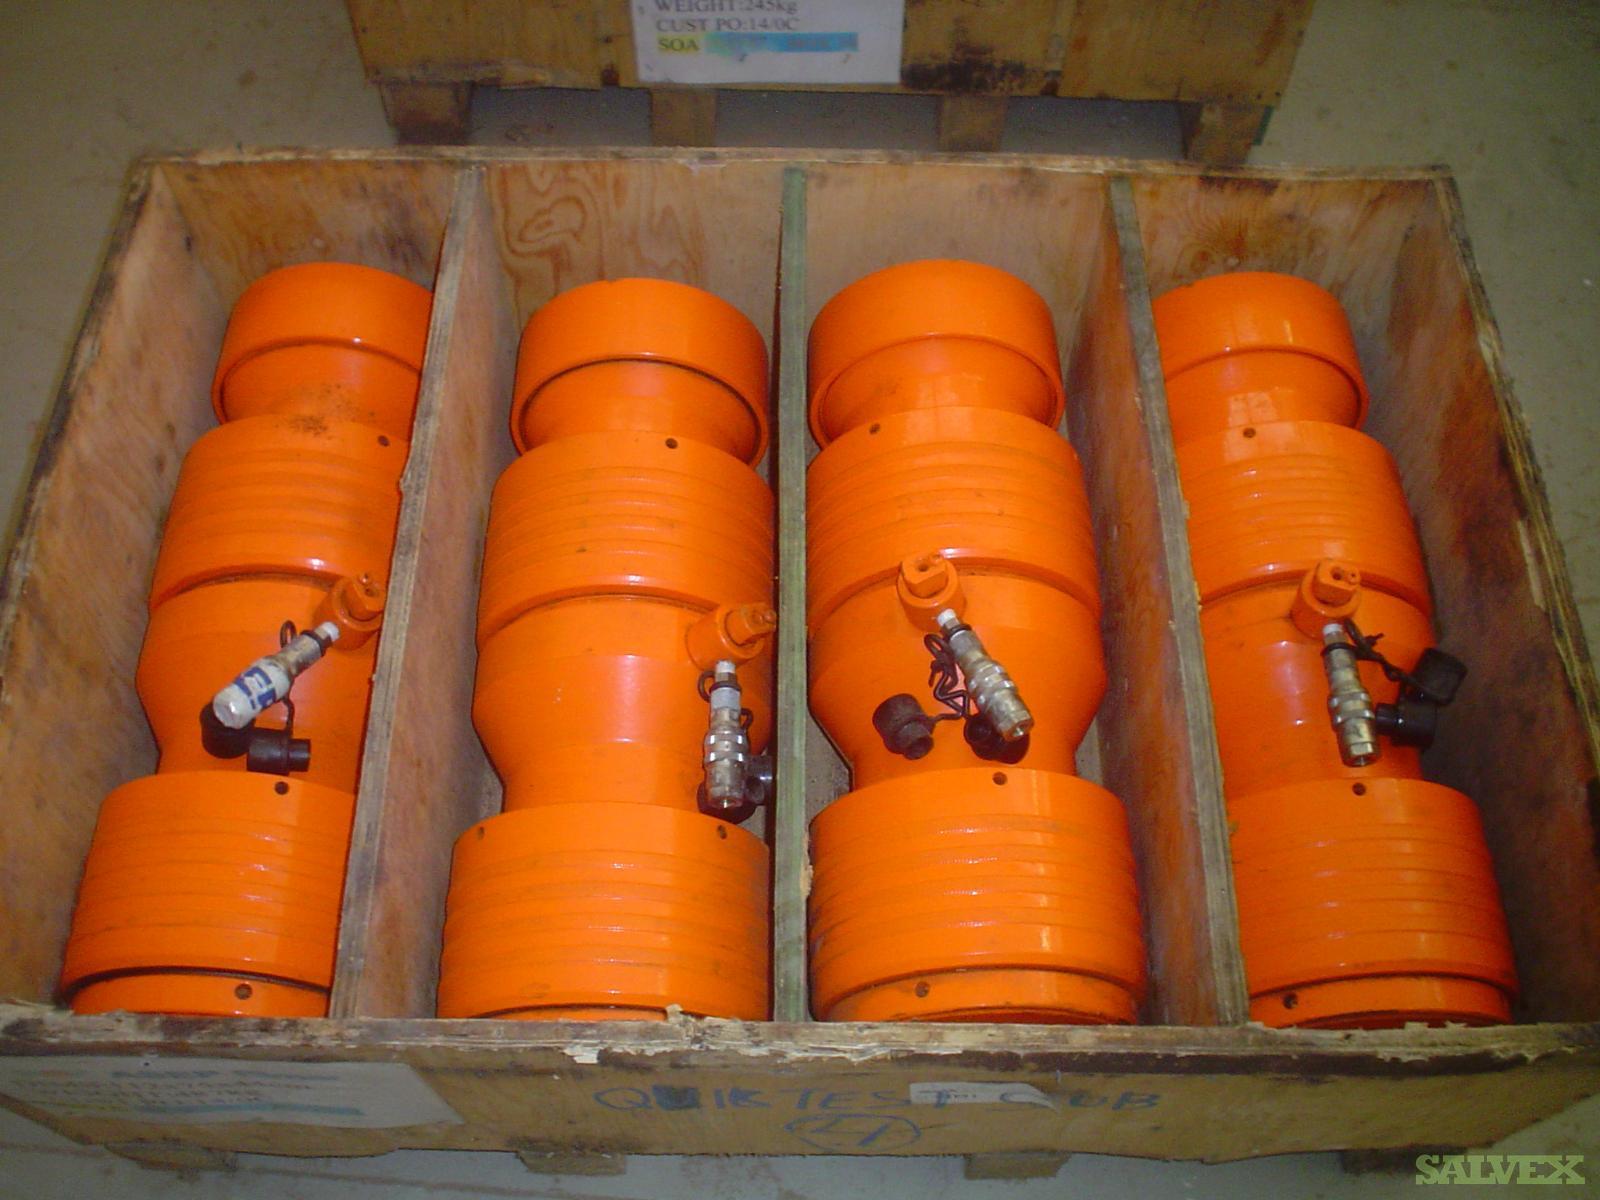 Slick Line Units Certified Package - Model Slimline 6931035300V01 (3 Units)